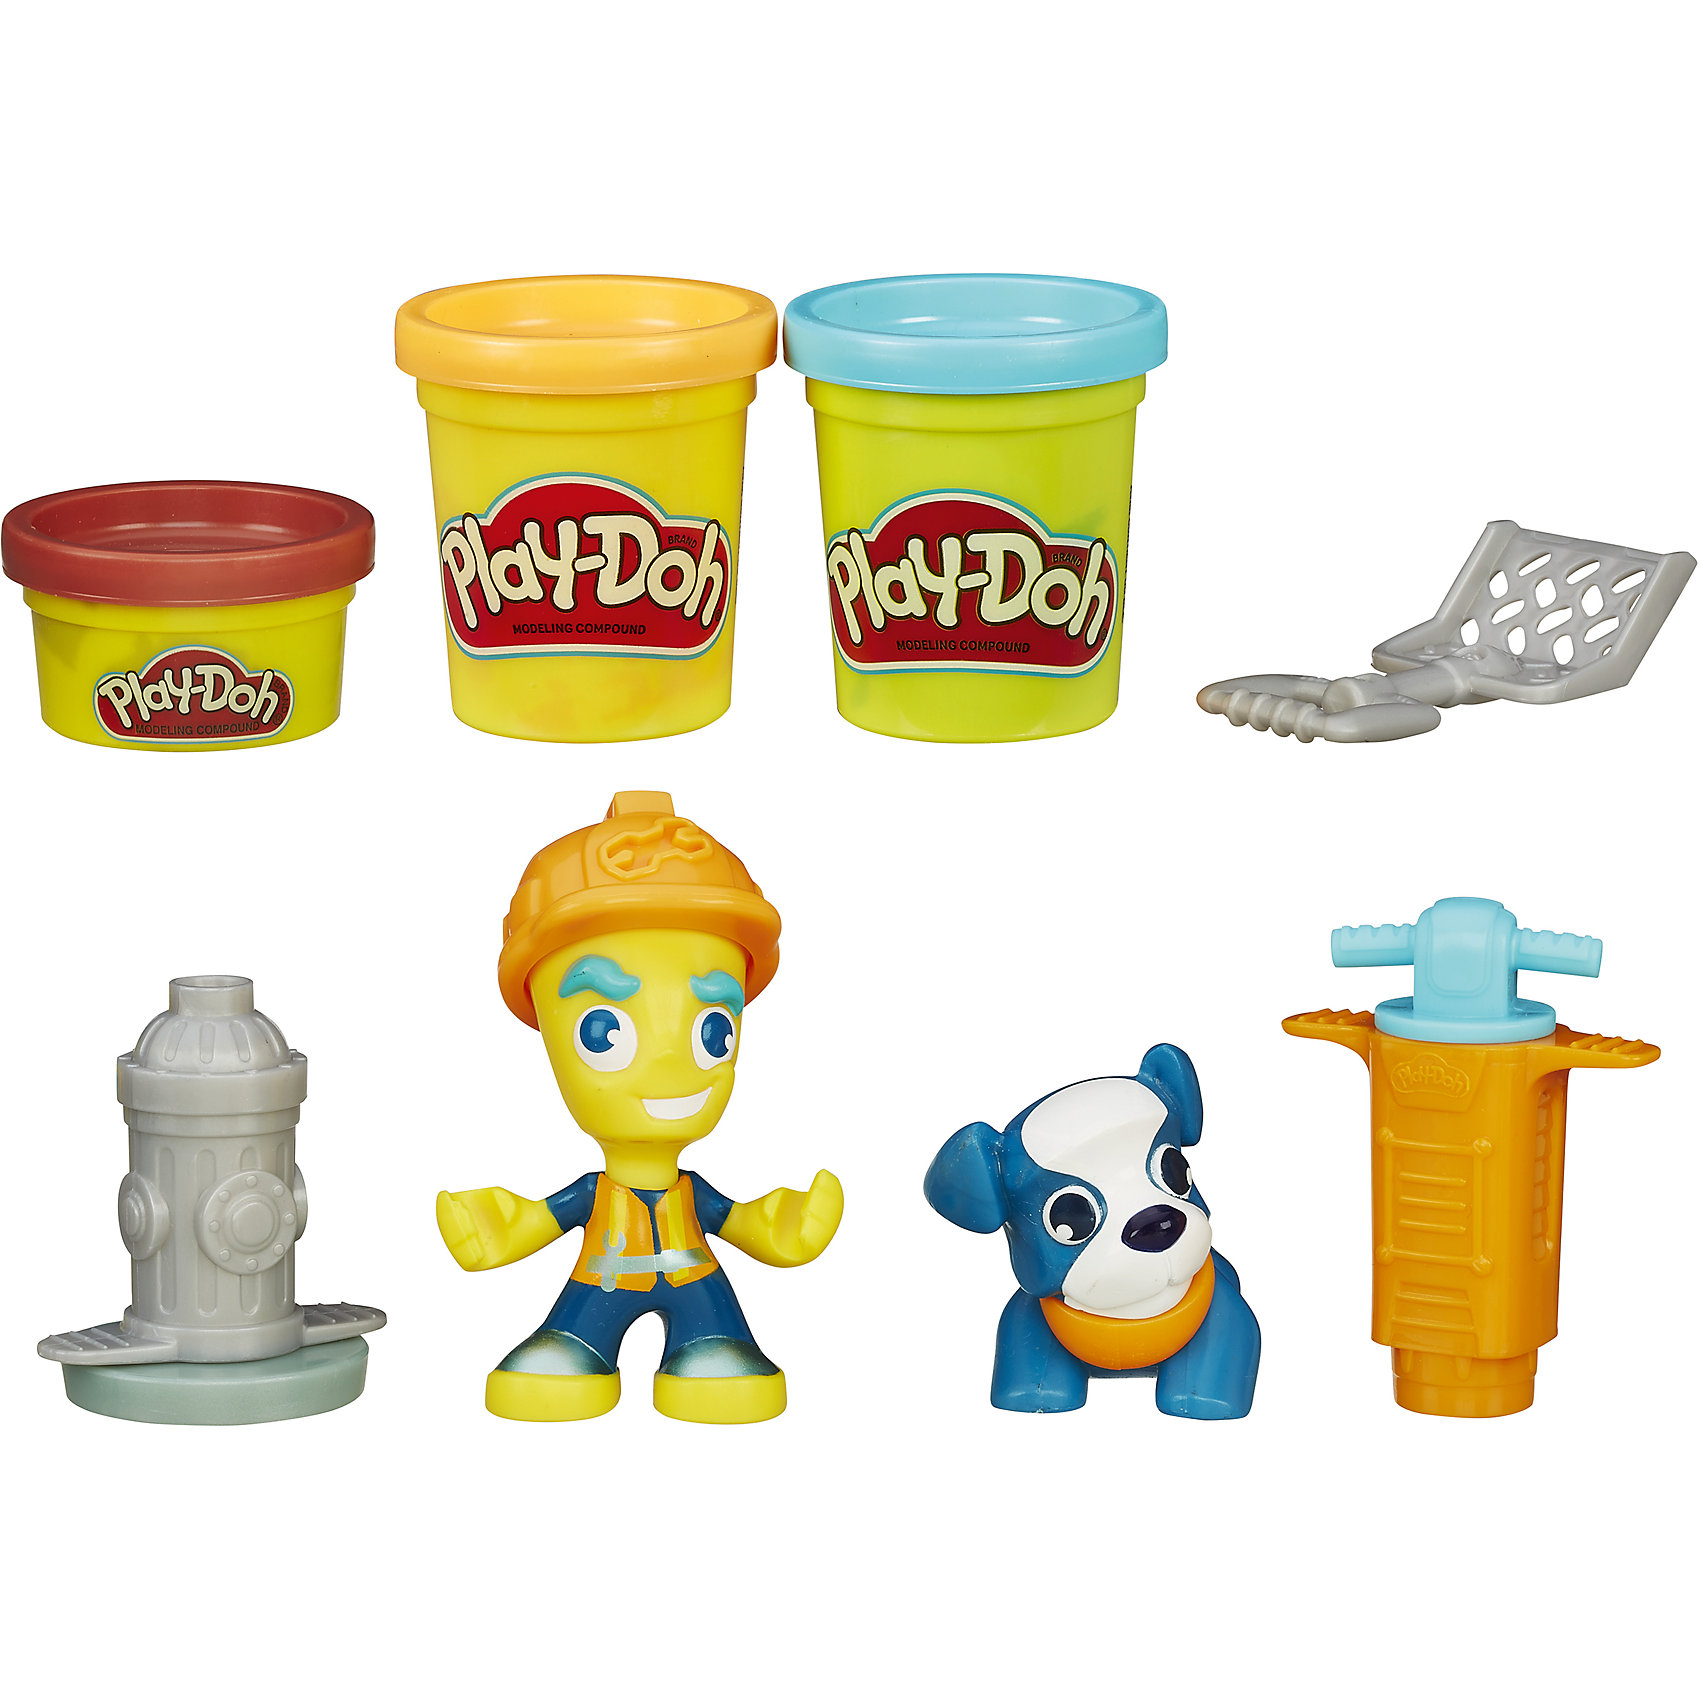 Hasbro Игровой набор Житель и питомец, Город, Play-Doh, B3411/B5972 hasbro игровой набор магазинчик домашних питомцев play doh город